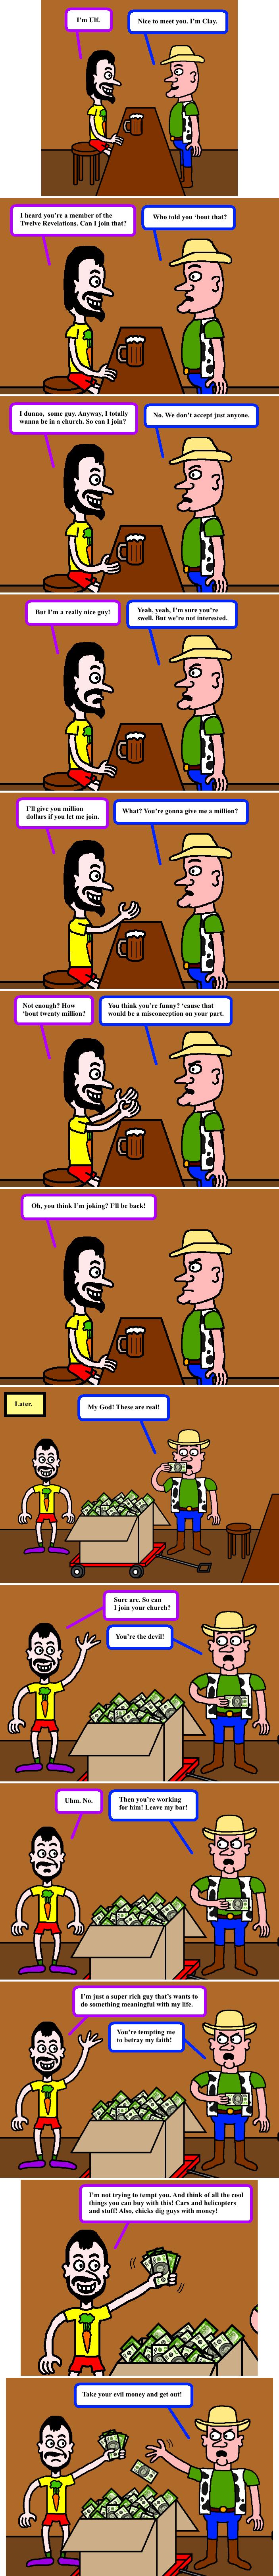 An offer